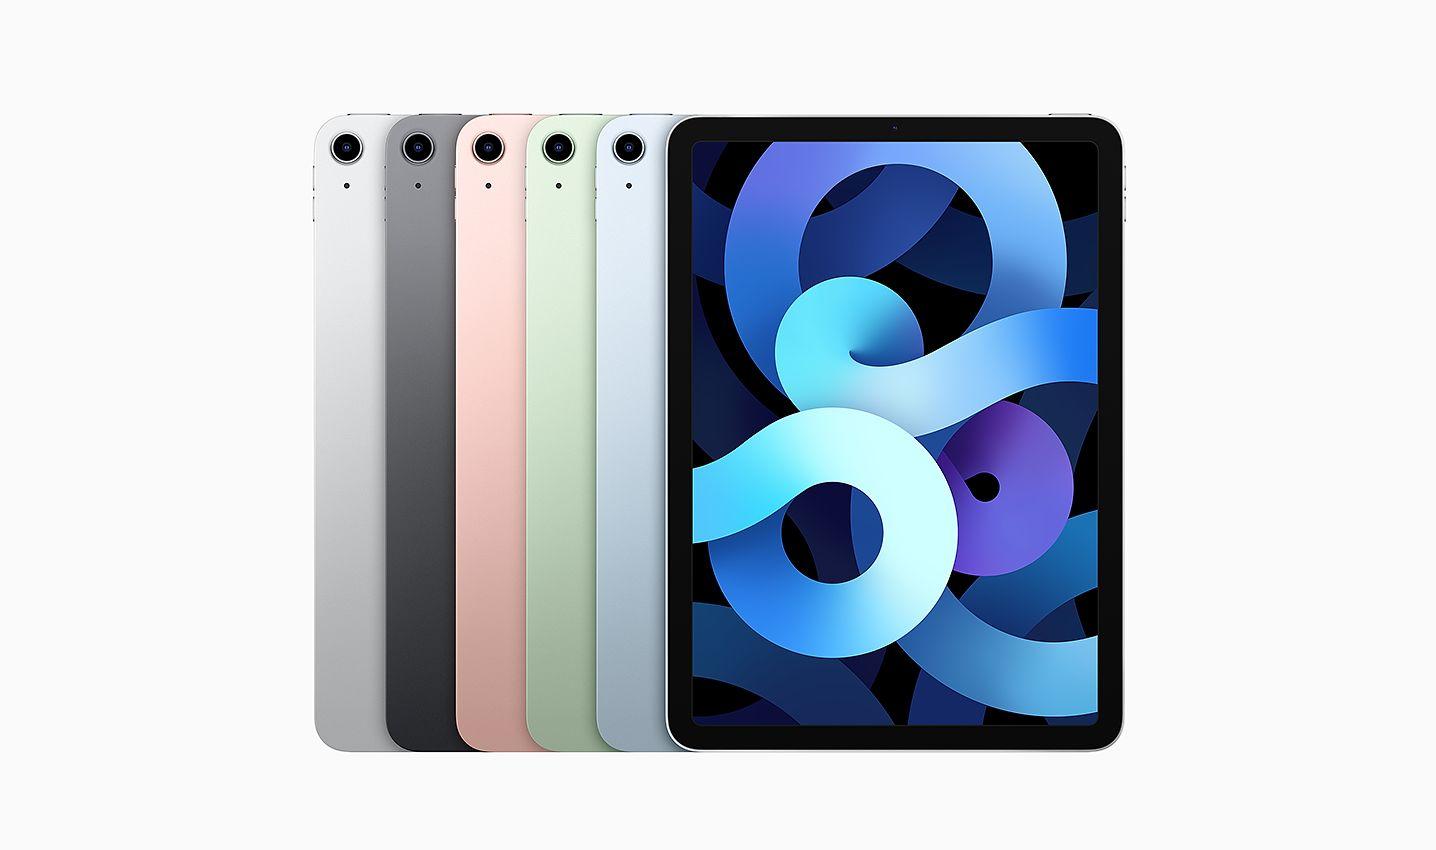 ipad-air4-256gb-wifi